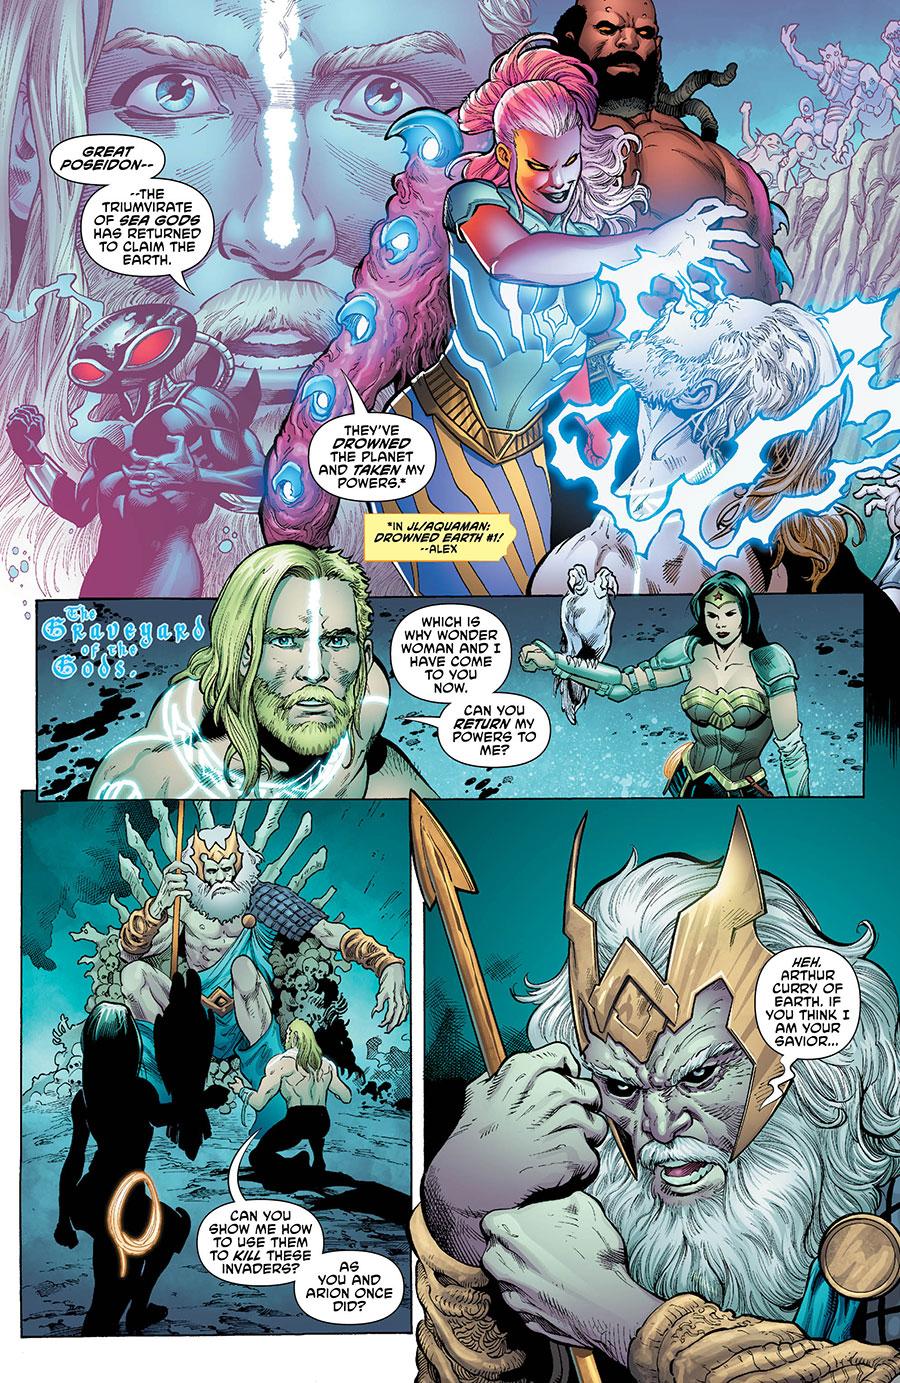 Aquaman 42-1 - DC Comics News